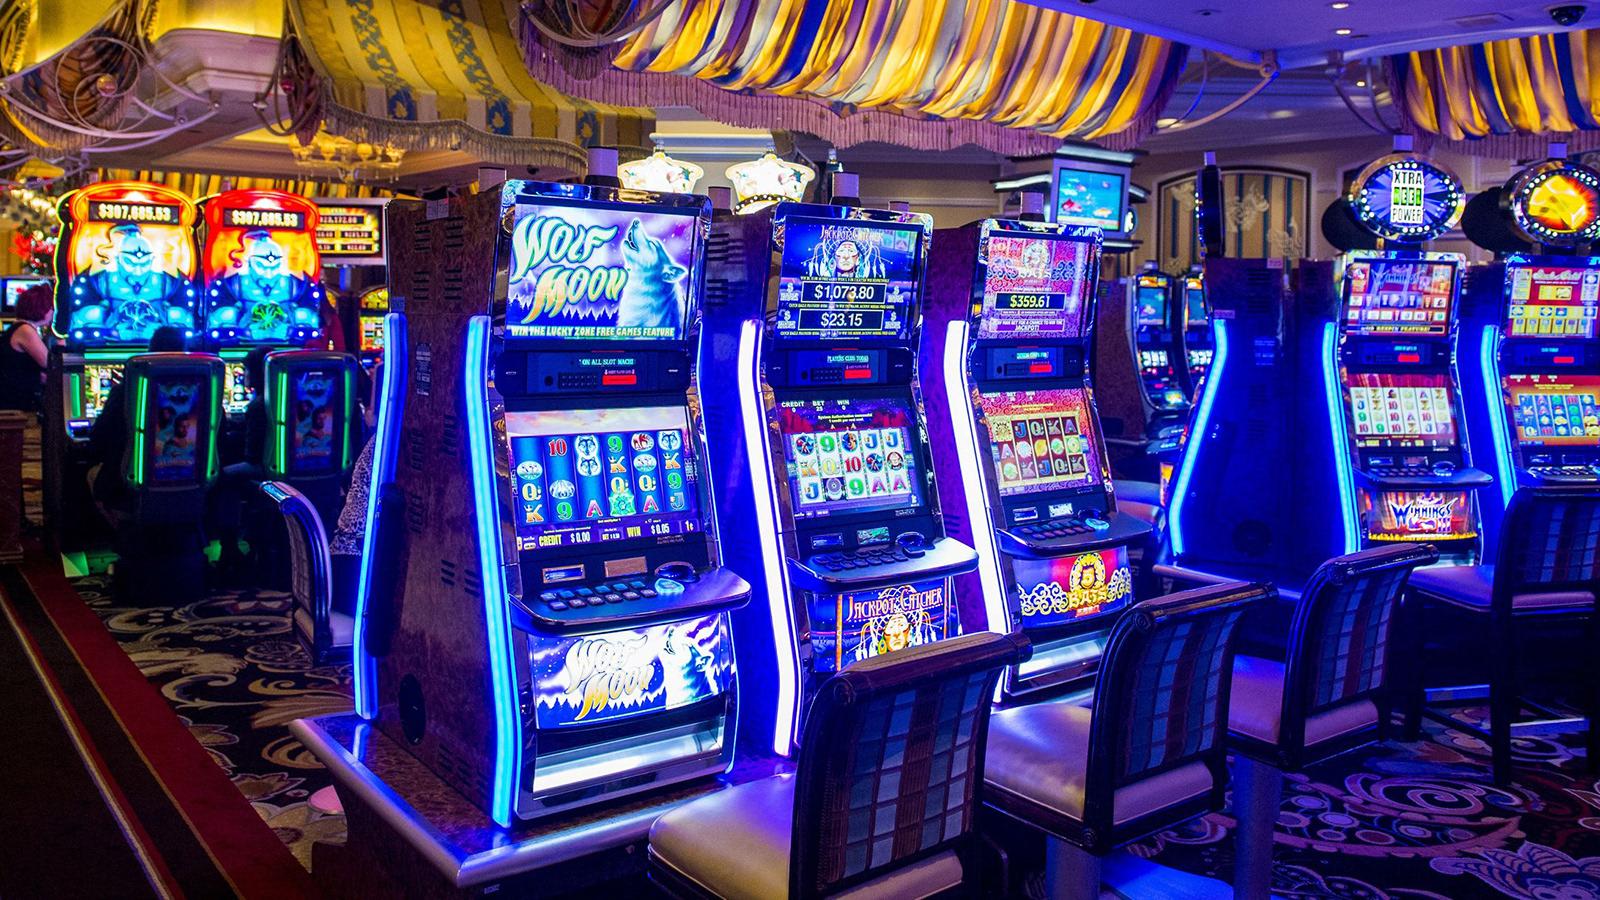 Gembel Slot88 Penyedia Permainan Judi Online